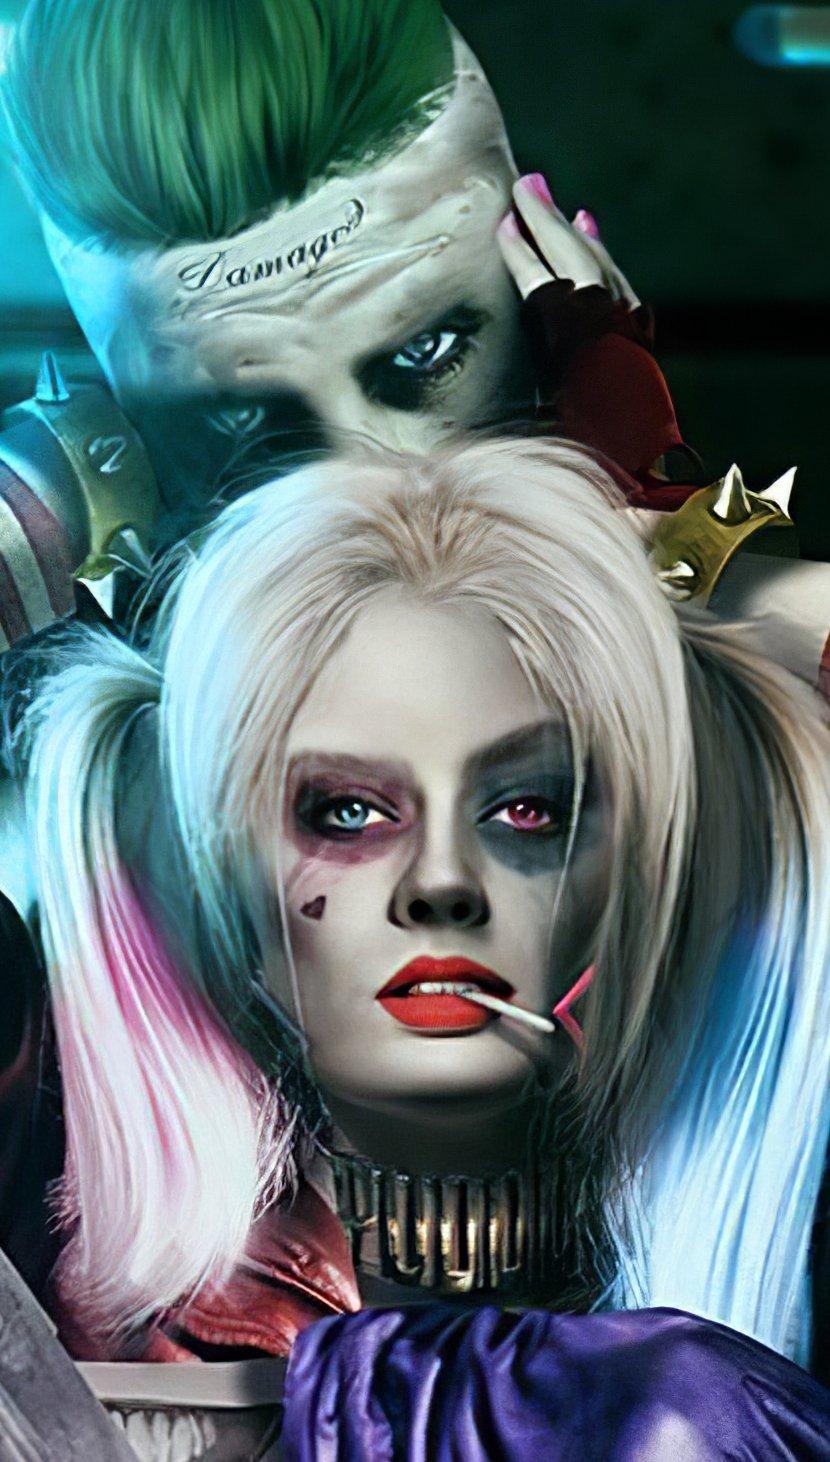 Wallpaper Joker and Harley Quinn Fanart Vertical